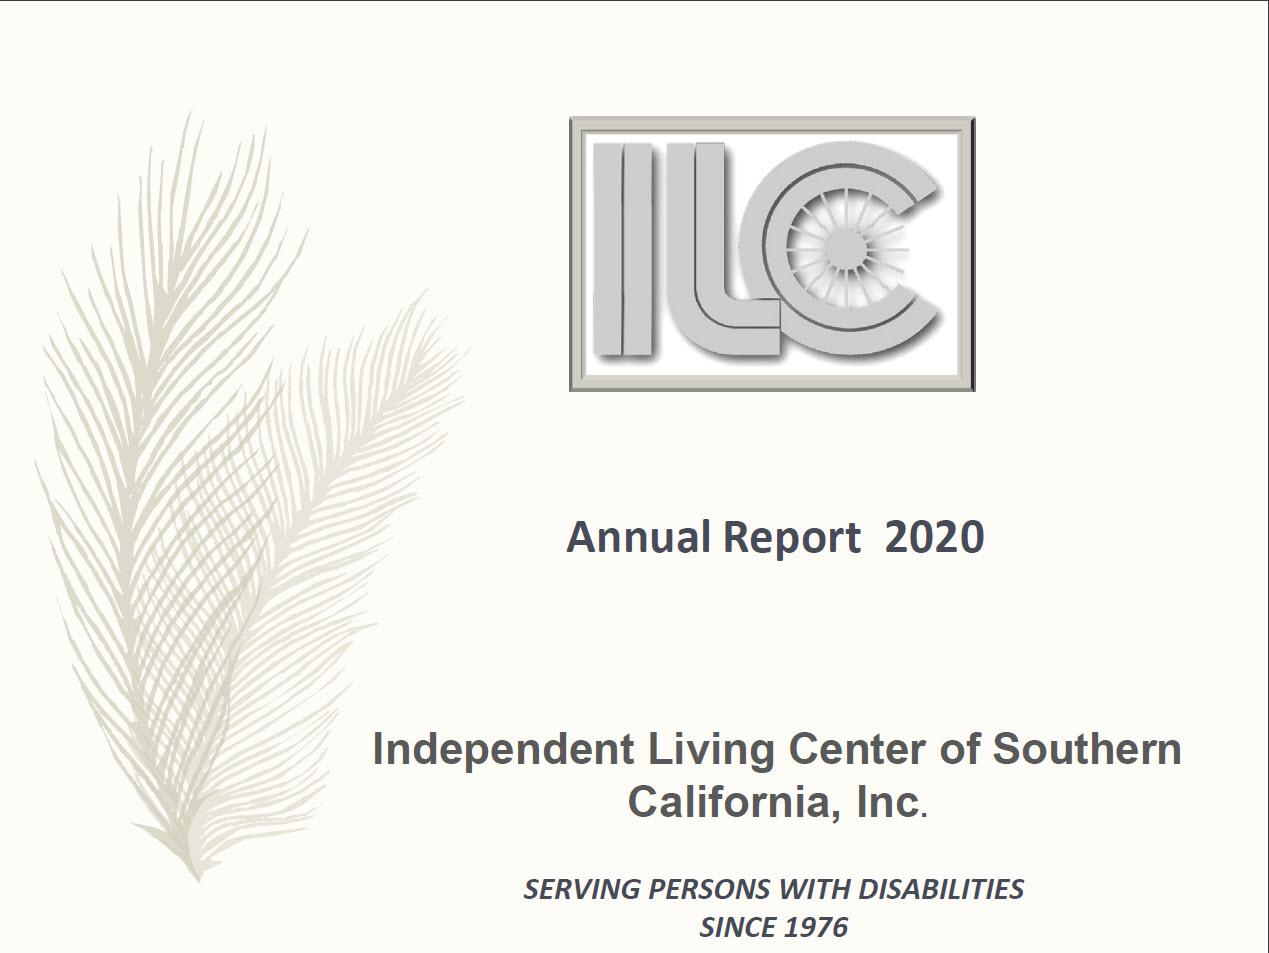 ILCSC 2020 Annual Report